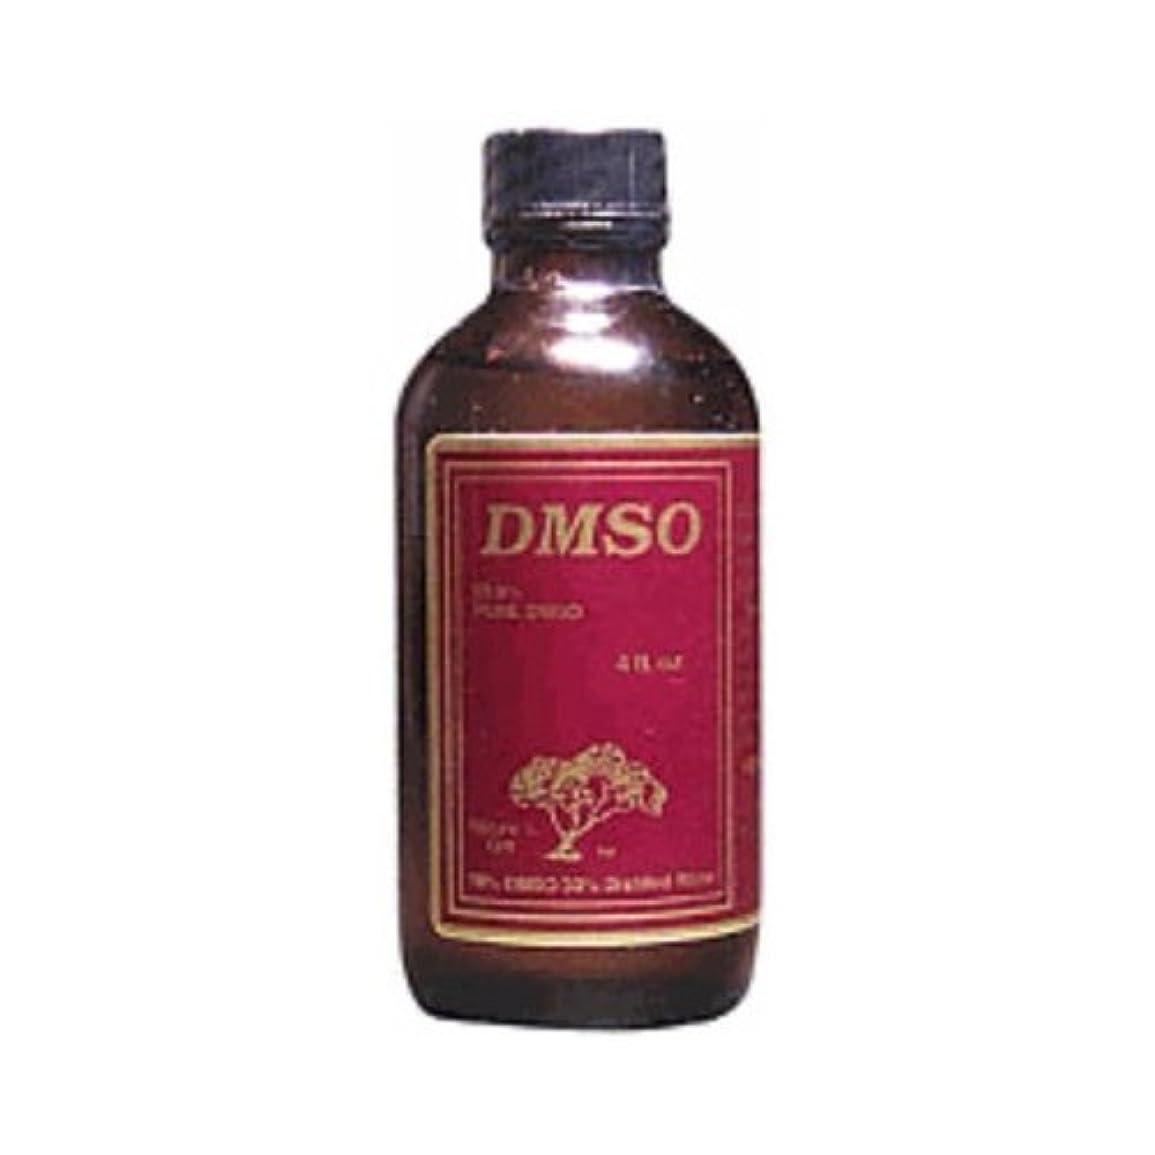 くるくる達成するカーテンNature's Gift DMSO - Liquid Unfragranced - 4 oz. by DMSO [並行輸入品]